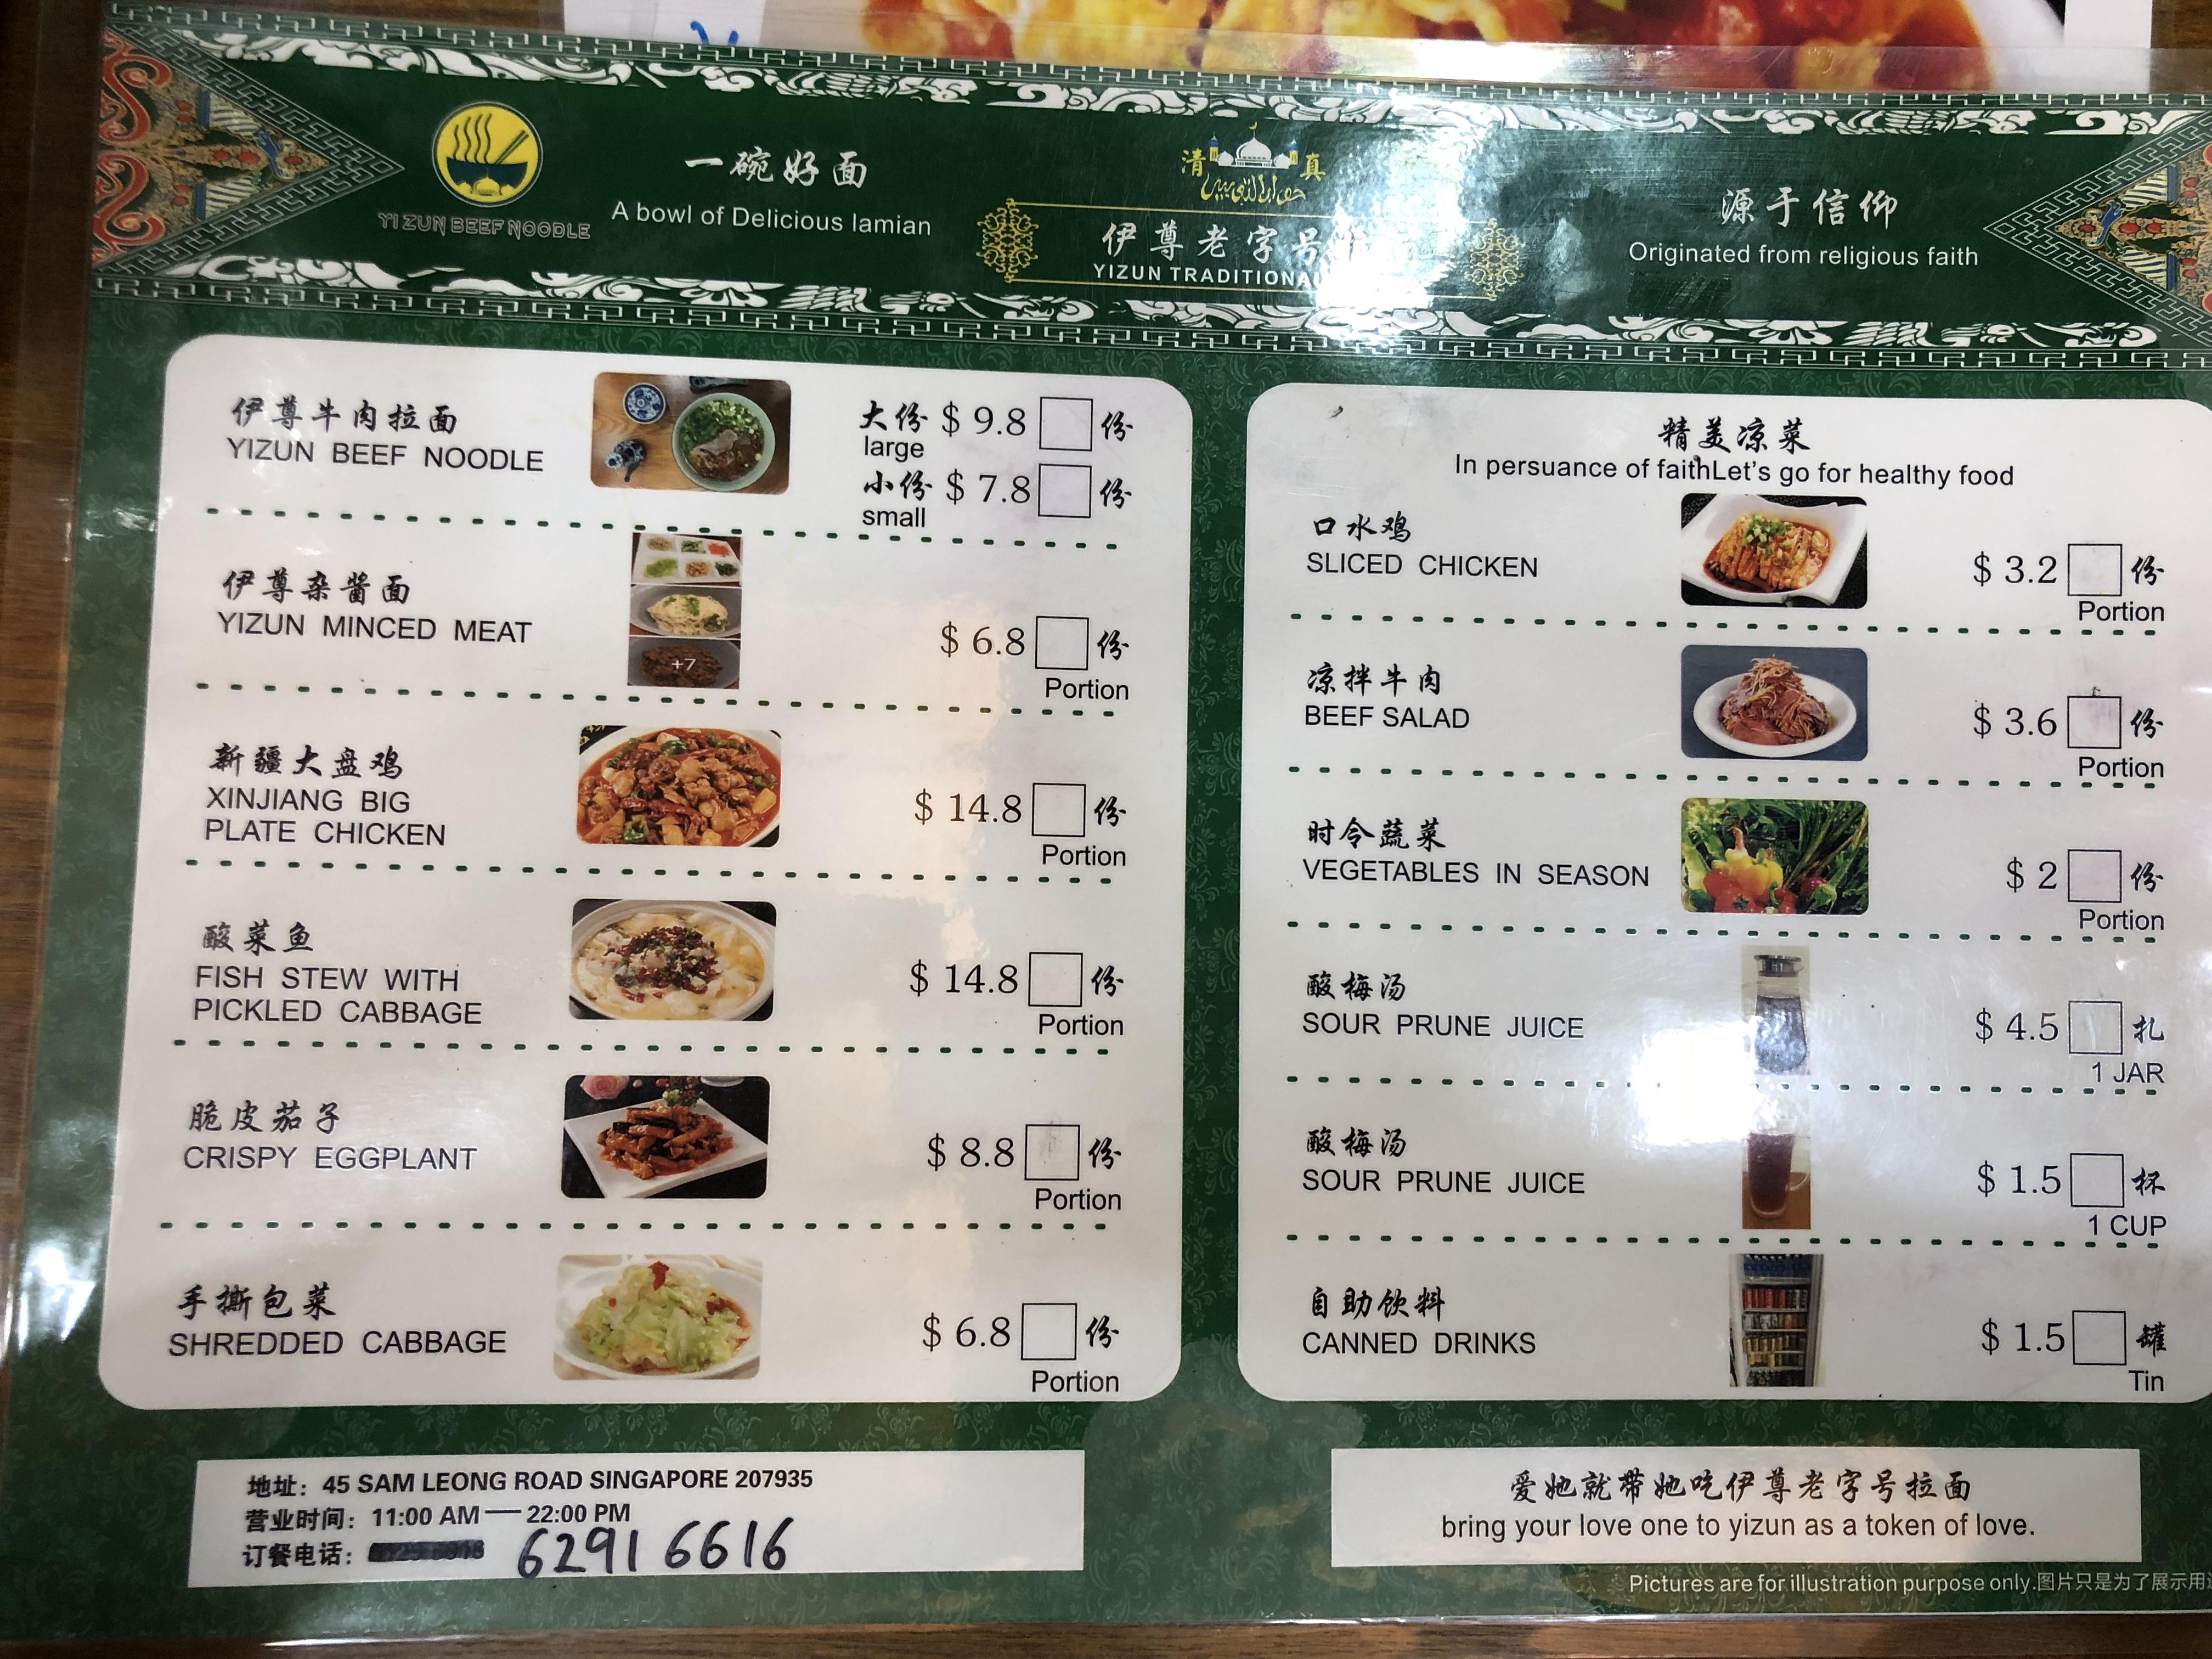 Yi_Zun_Noodle_Menu